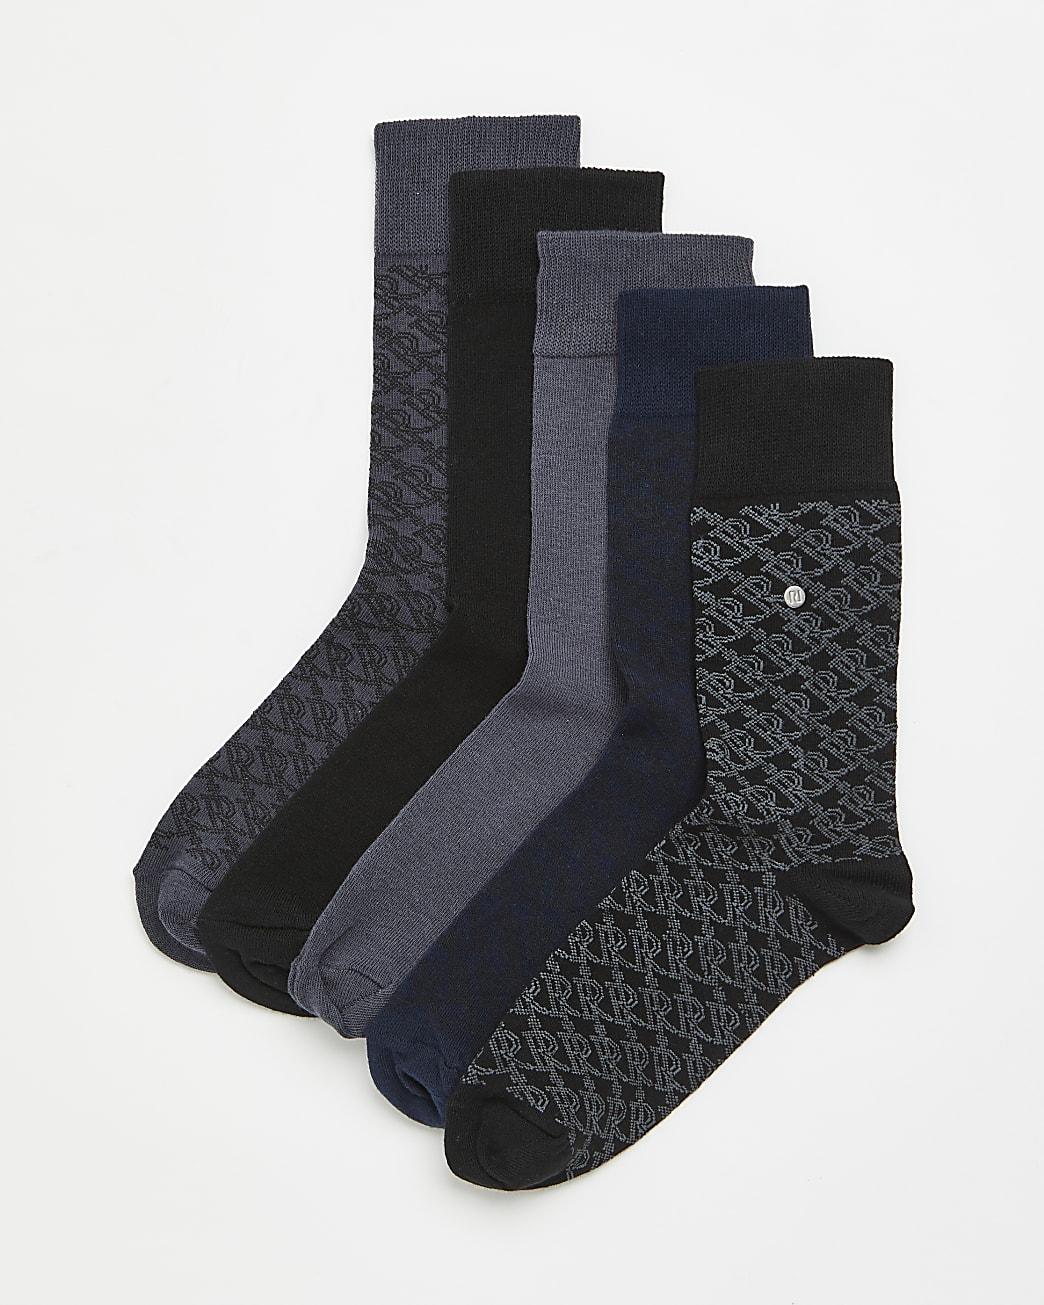 Black RI monogram ankle socks 5 pack gift set